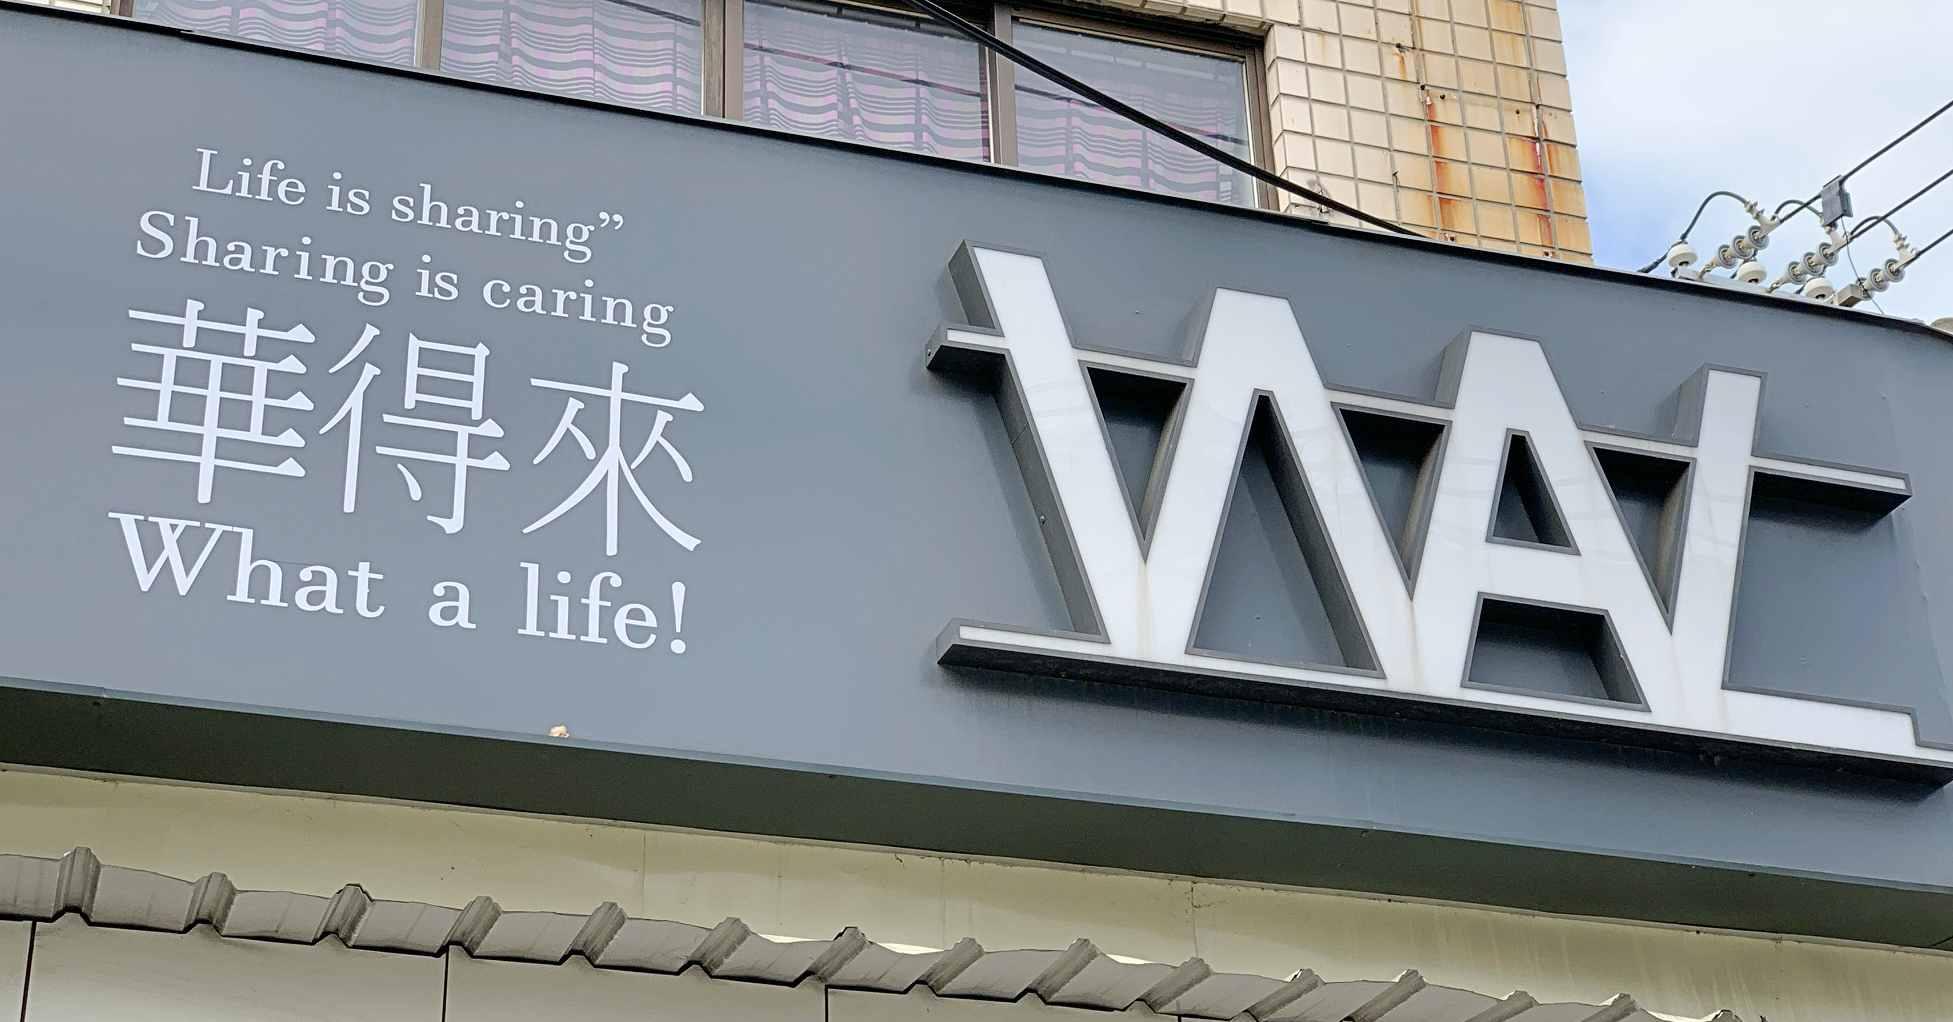 華得來|台中沙鹿美食推薦-清水至尊飲料店絕對要喝 (菜單價錢)